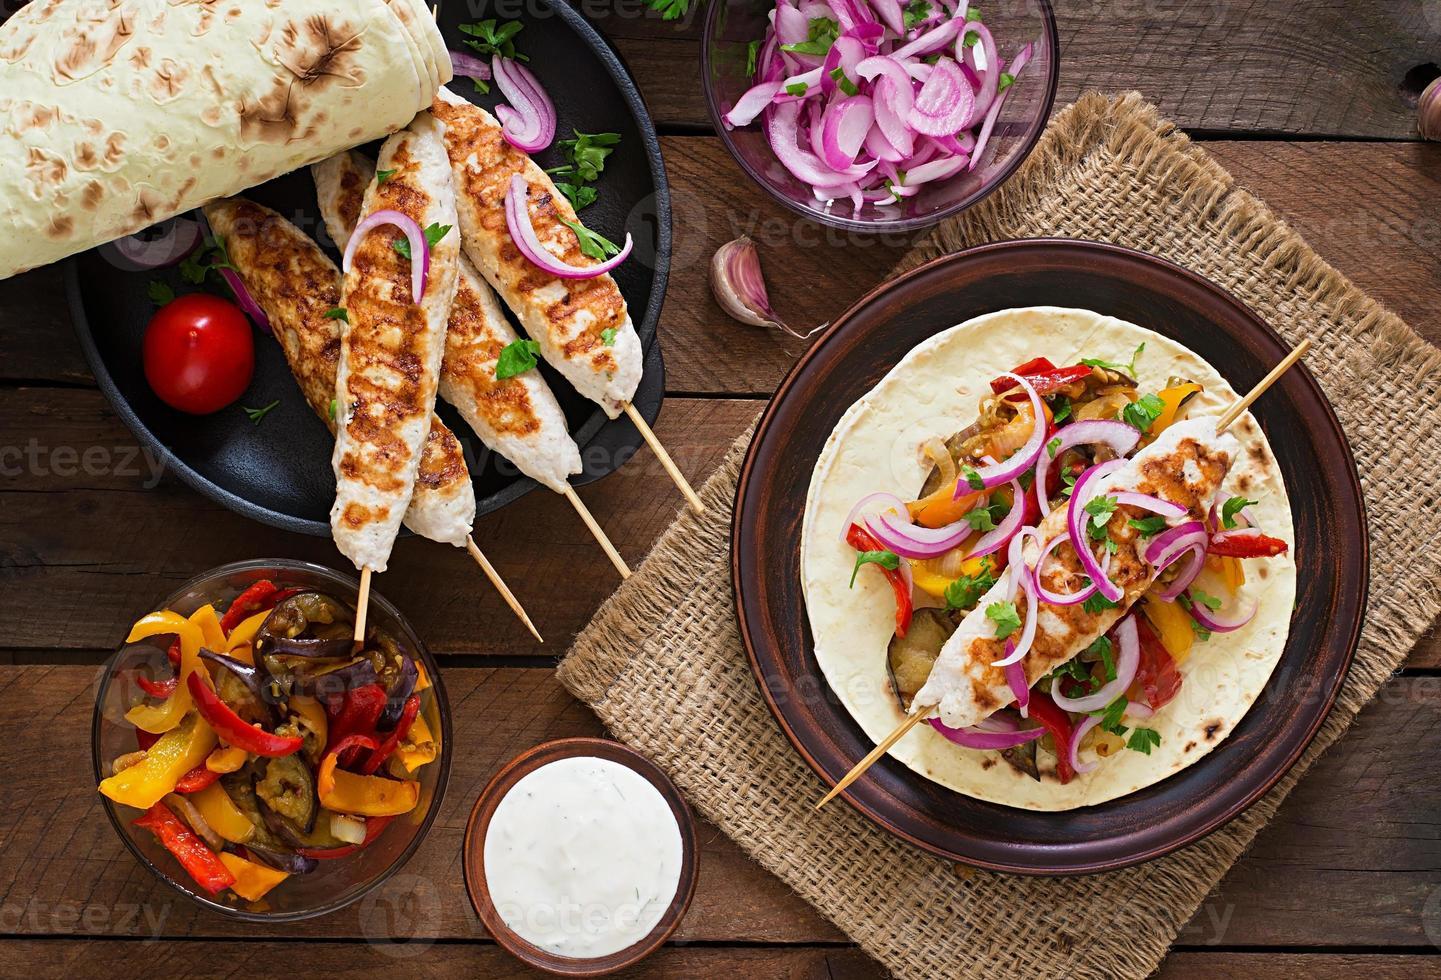 espetada de frango com legumes grelhados e tortilla wrap. foto